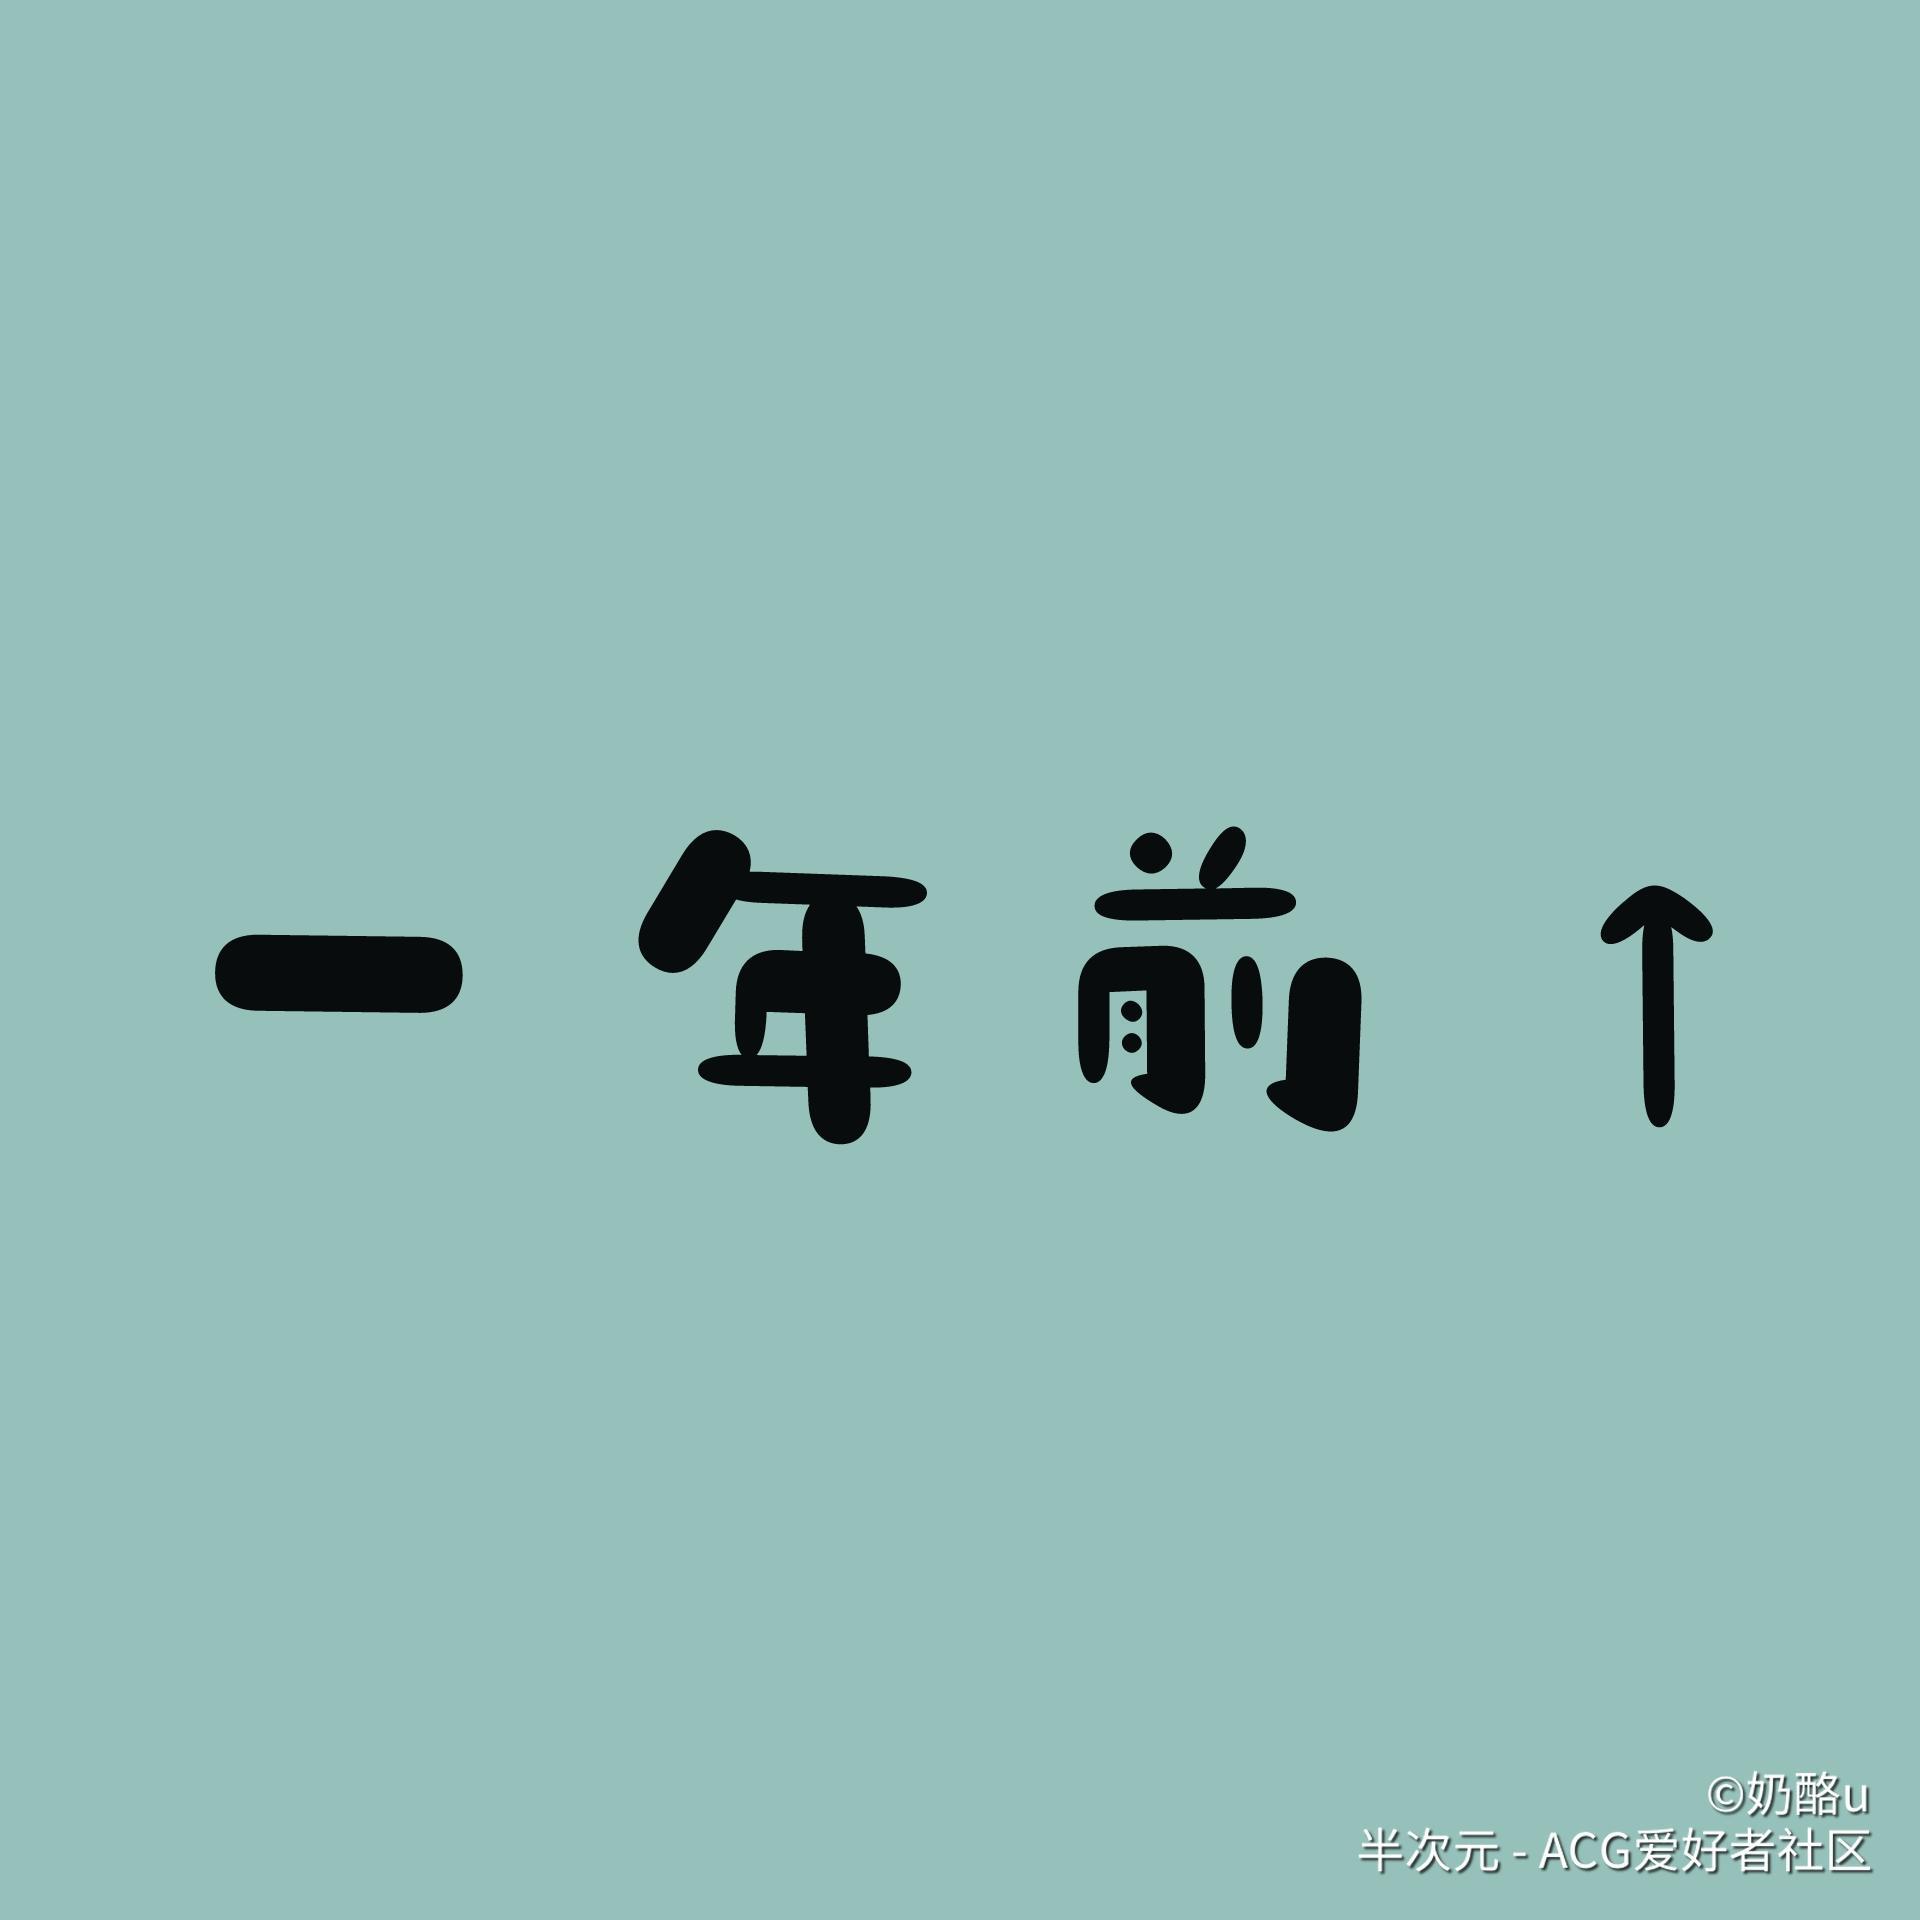 《黑执事》正片cosplay【CN:咸鱼沐沐】-第2张